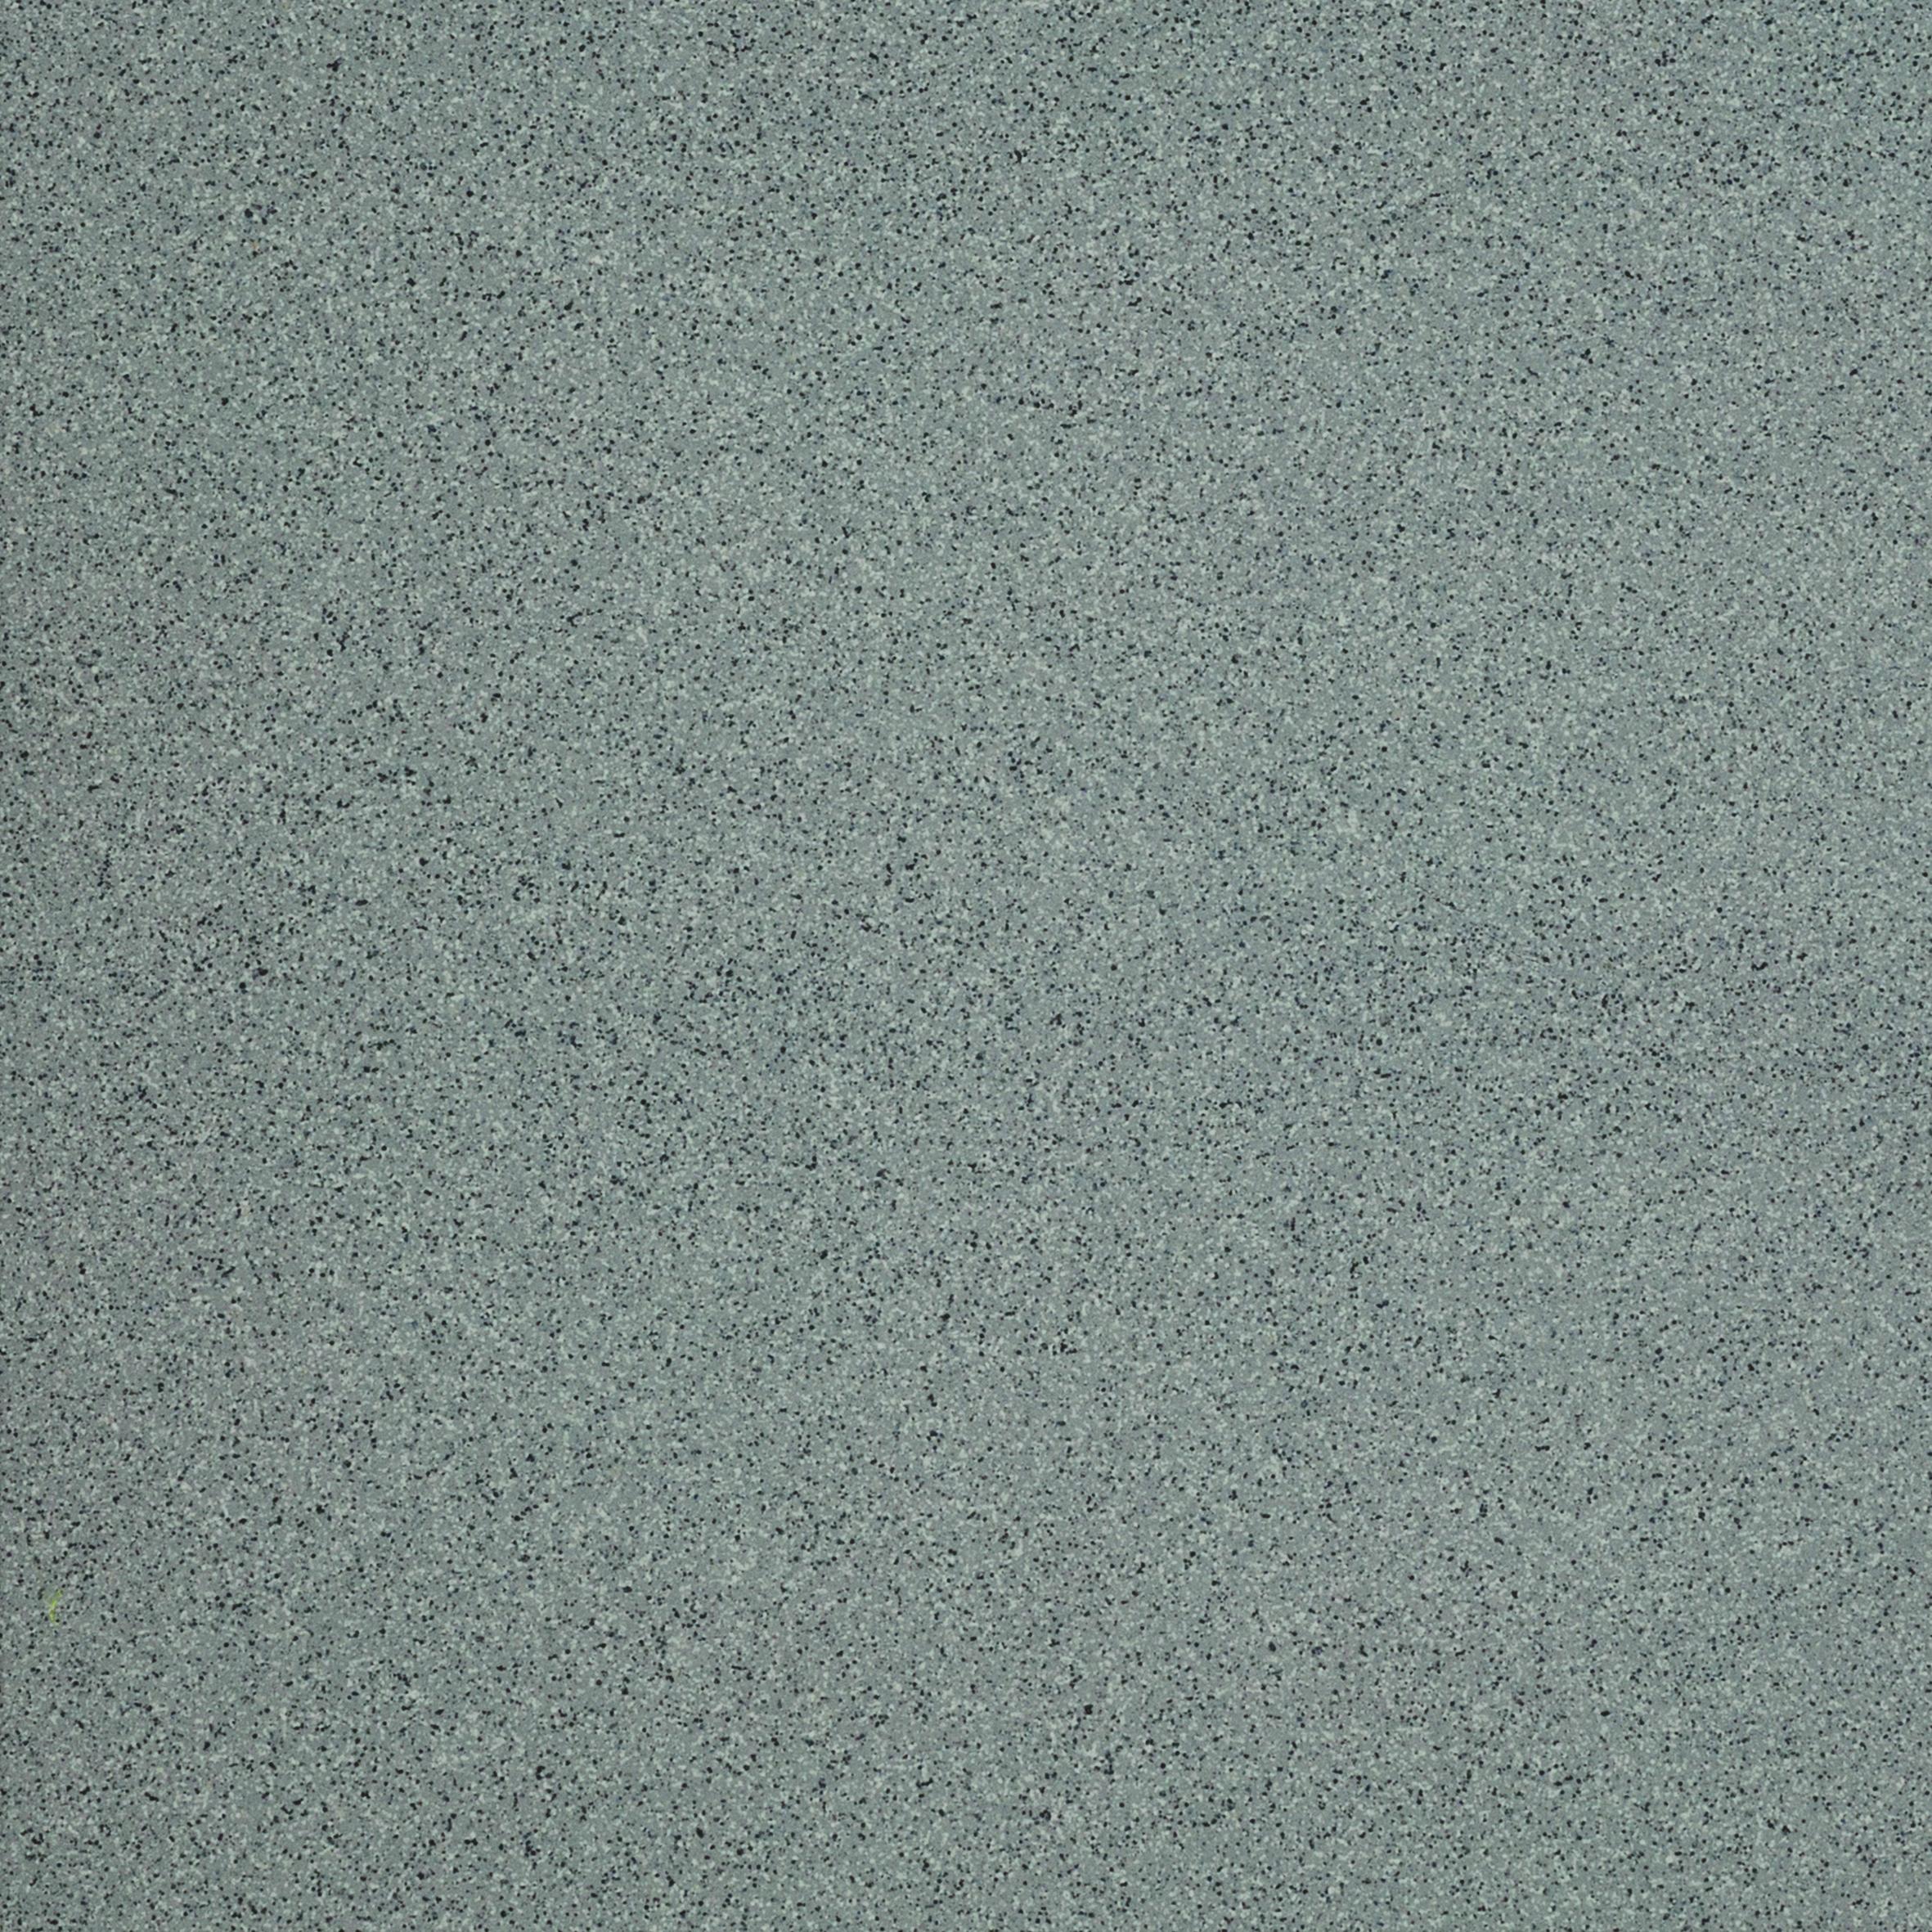 JLR111 Light Grey 20x20